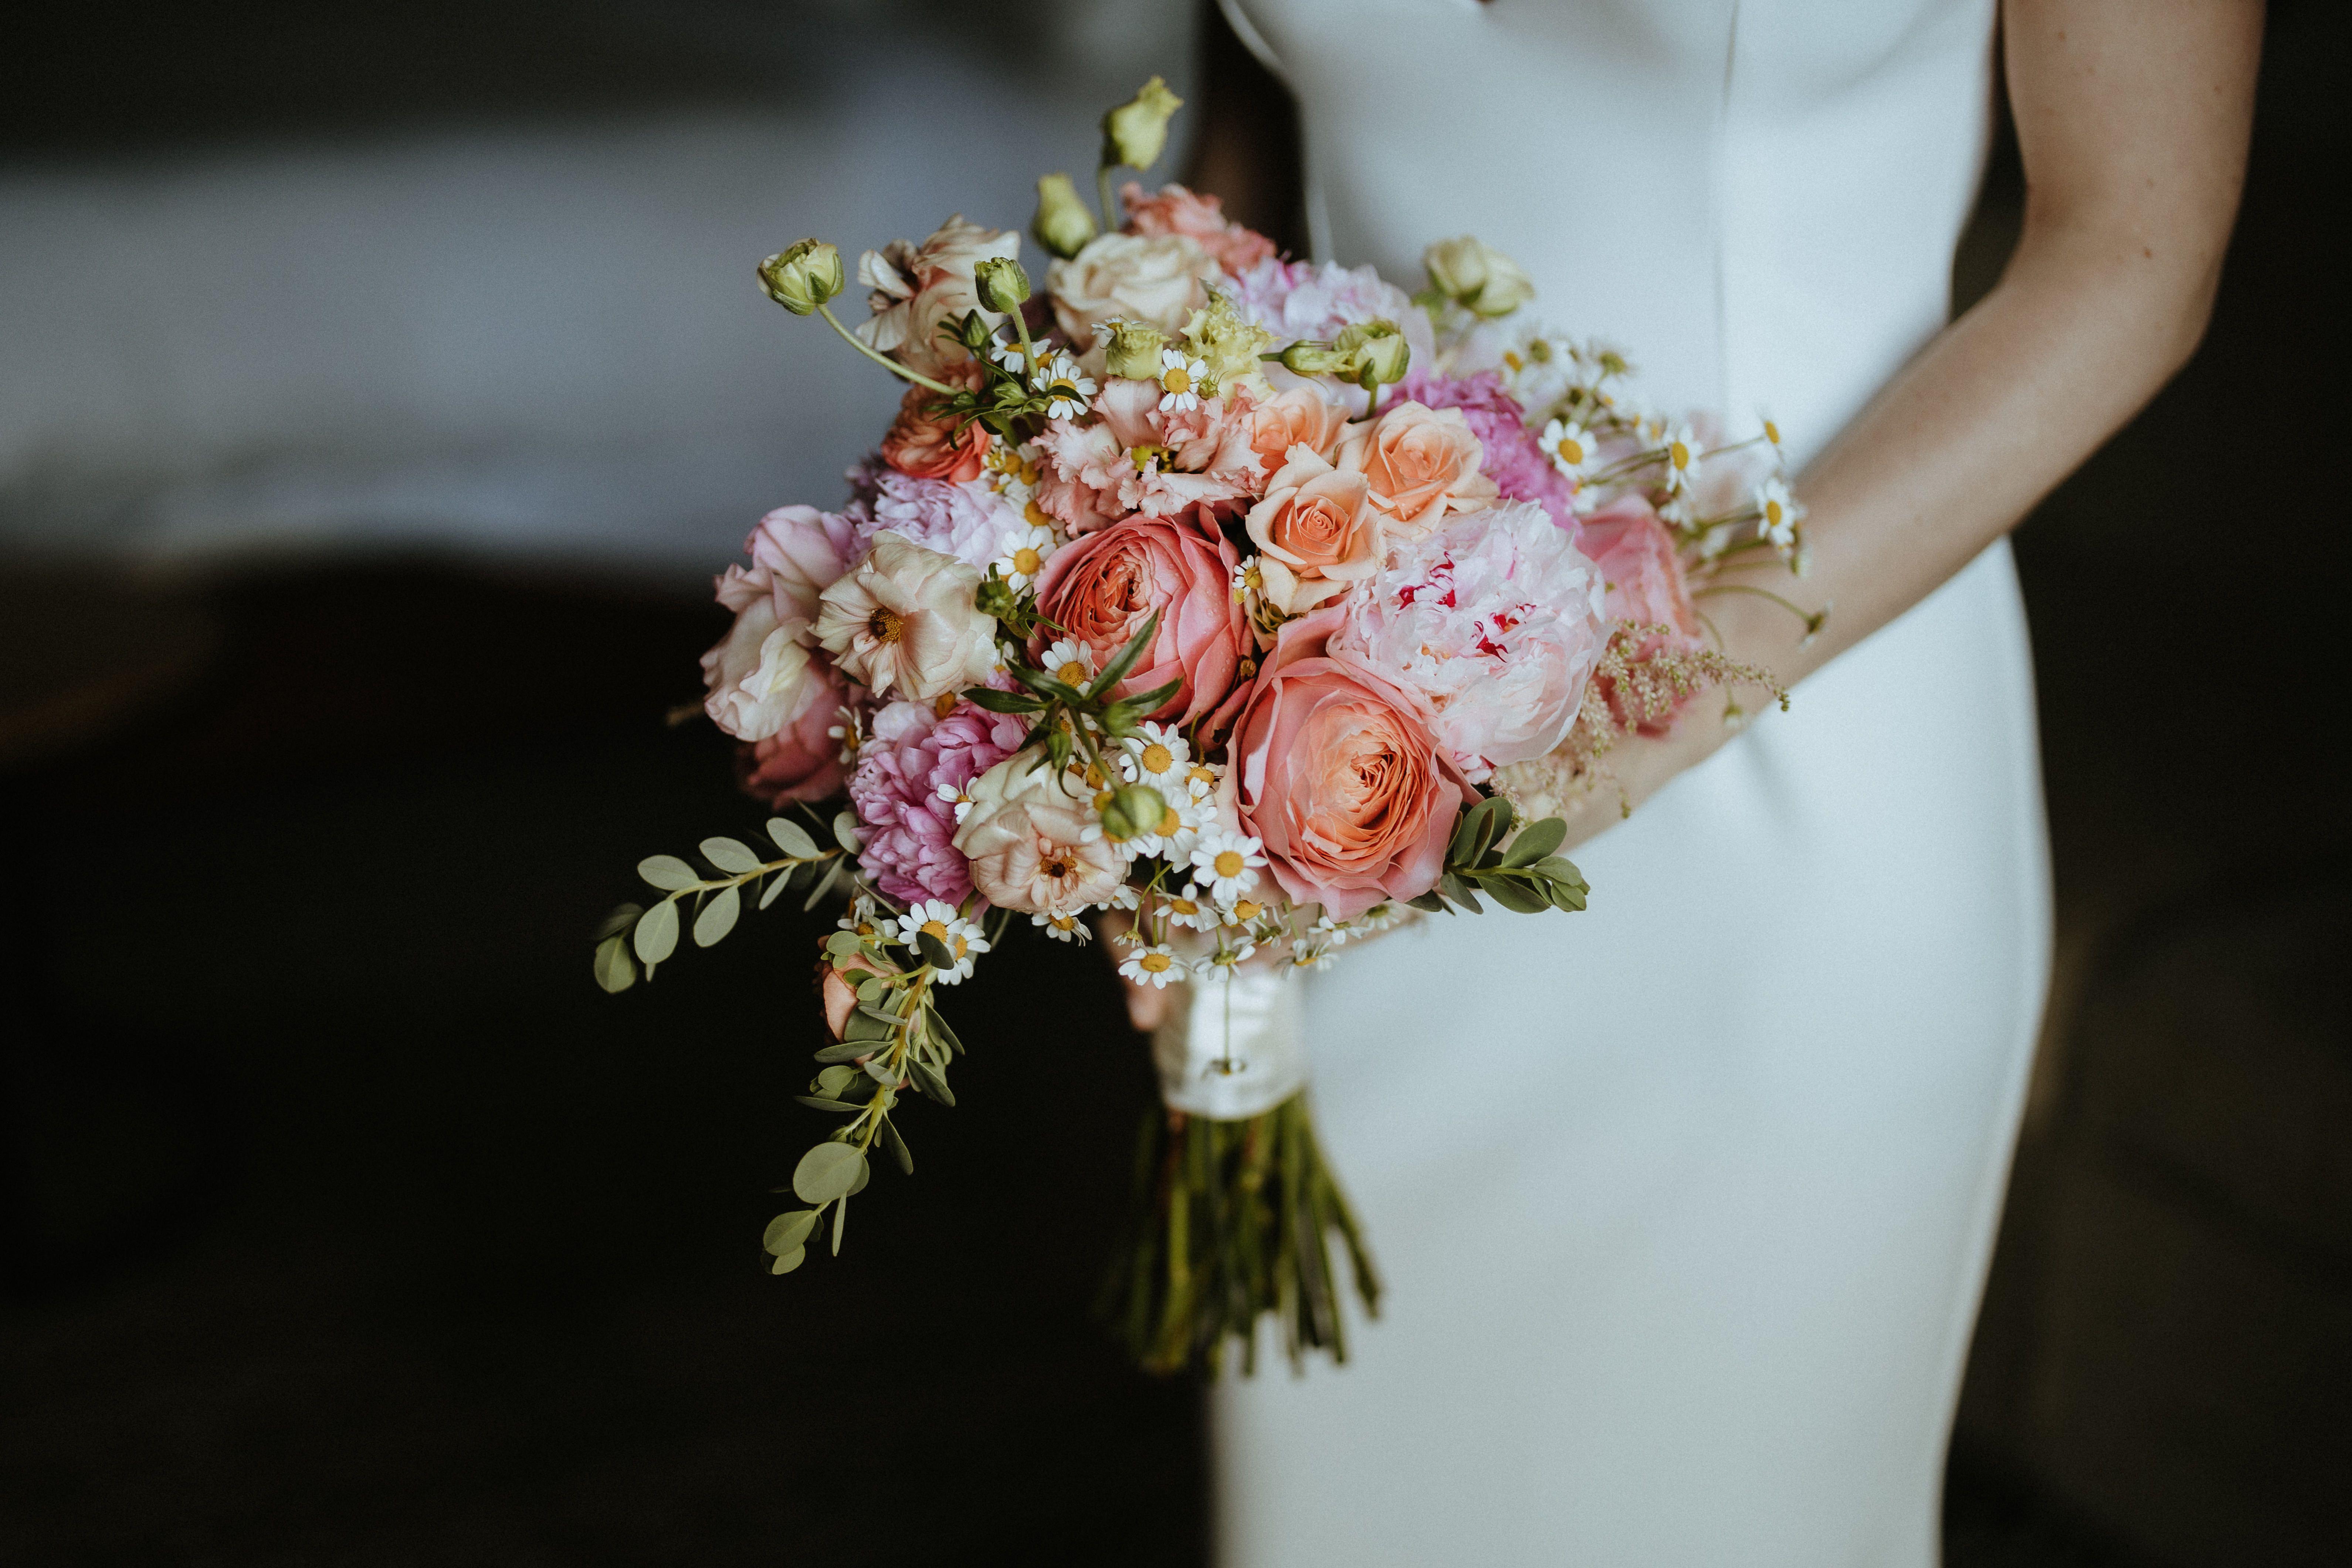 Fsrh Wedding Bouquet By Flowers By Heidi In 2020 Bridal Bouquet Home Flowers Wedding Bouquets